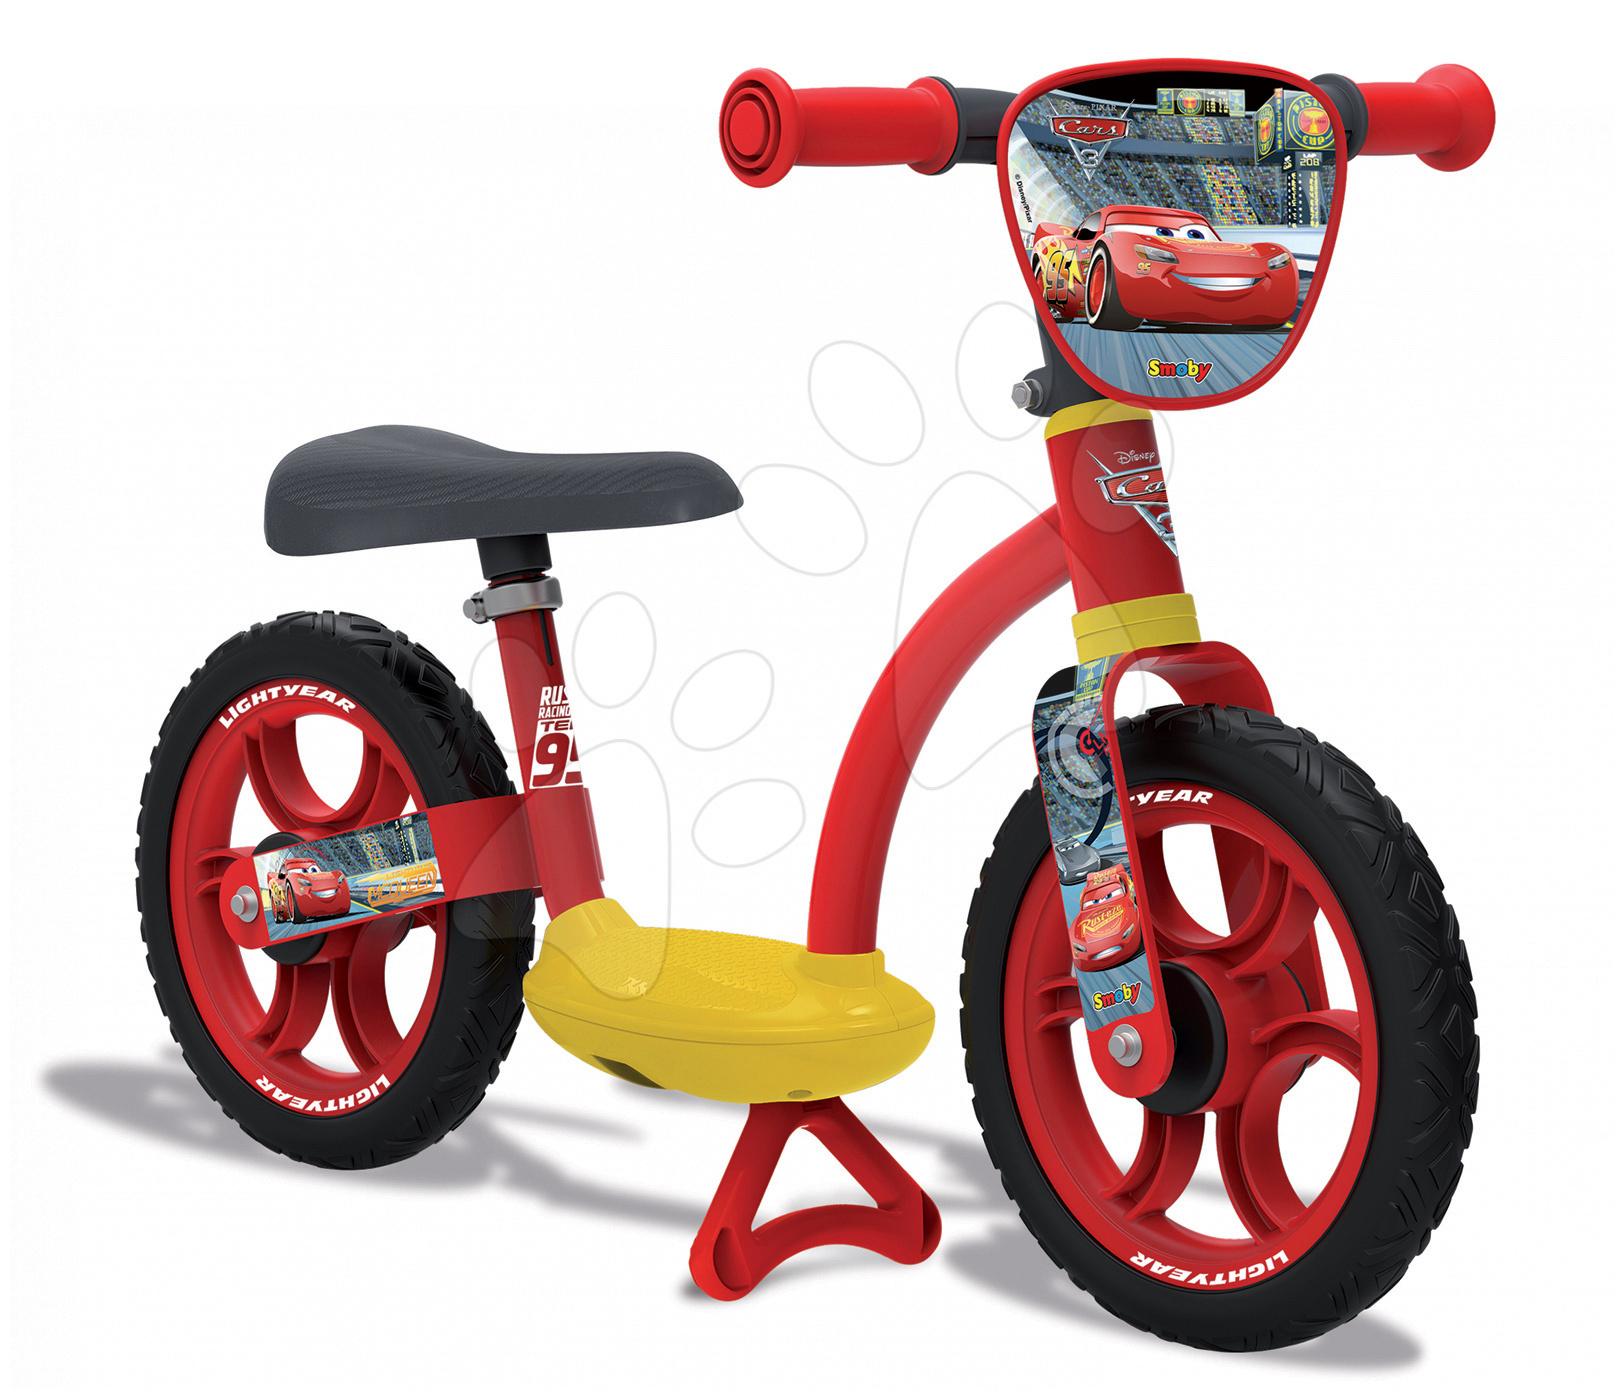 Balanční odrážedlo Auta 2 Learning Bike Comfort Smoby s nastavitelnou výškou sedáku od 24 měsíců